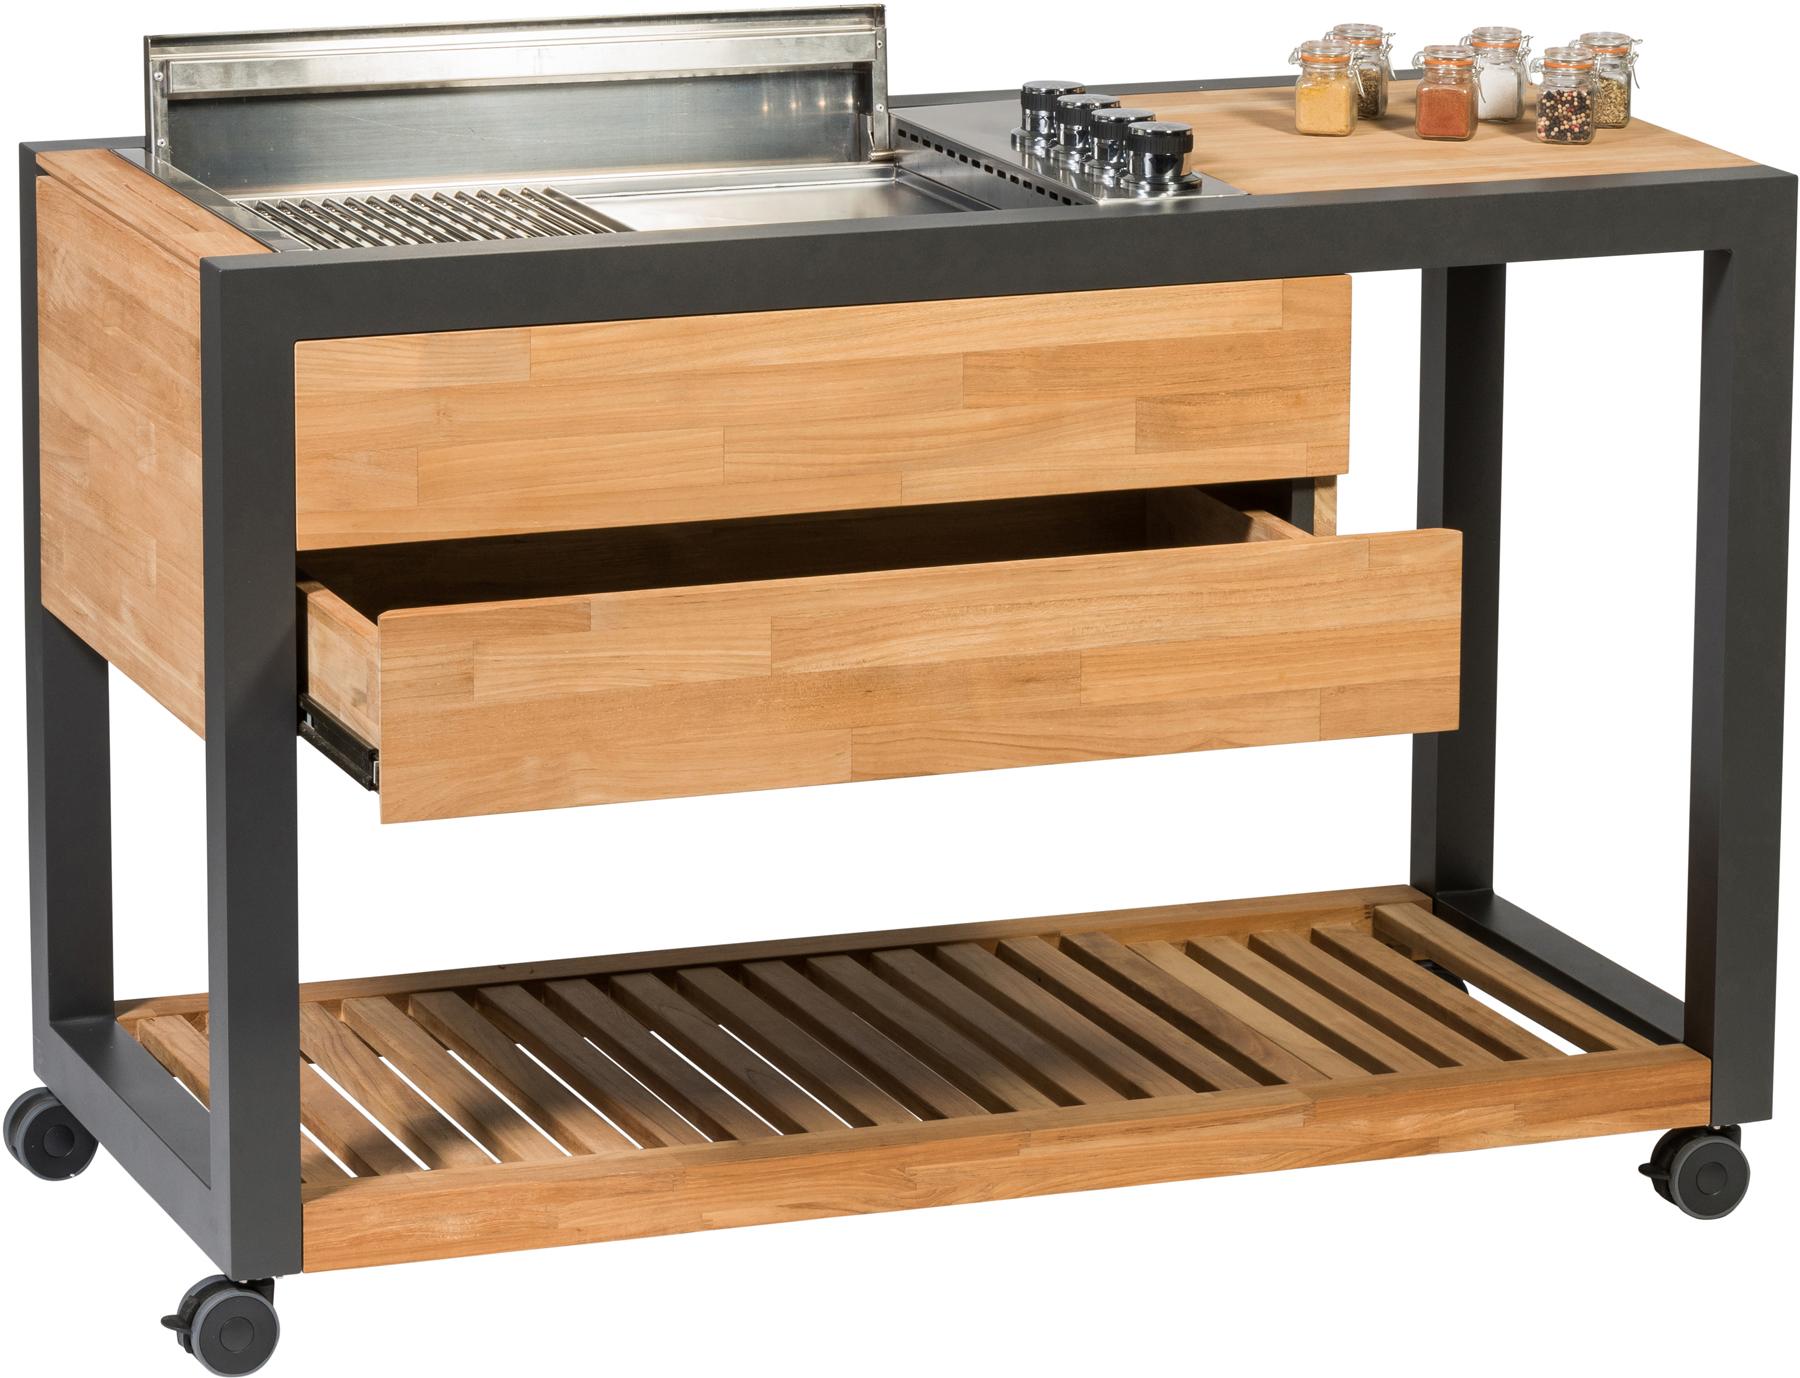 Gasgrill In Outdoor Küche Einbauen : Outdoorküche grill & bbq demmelhuber.net